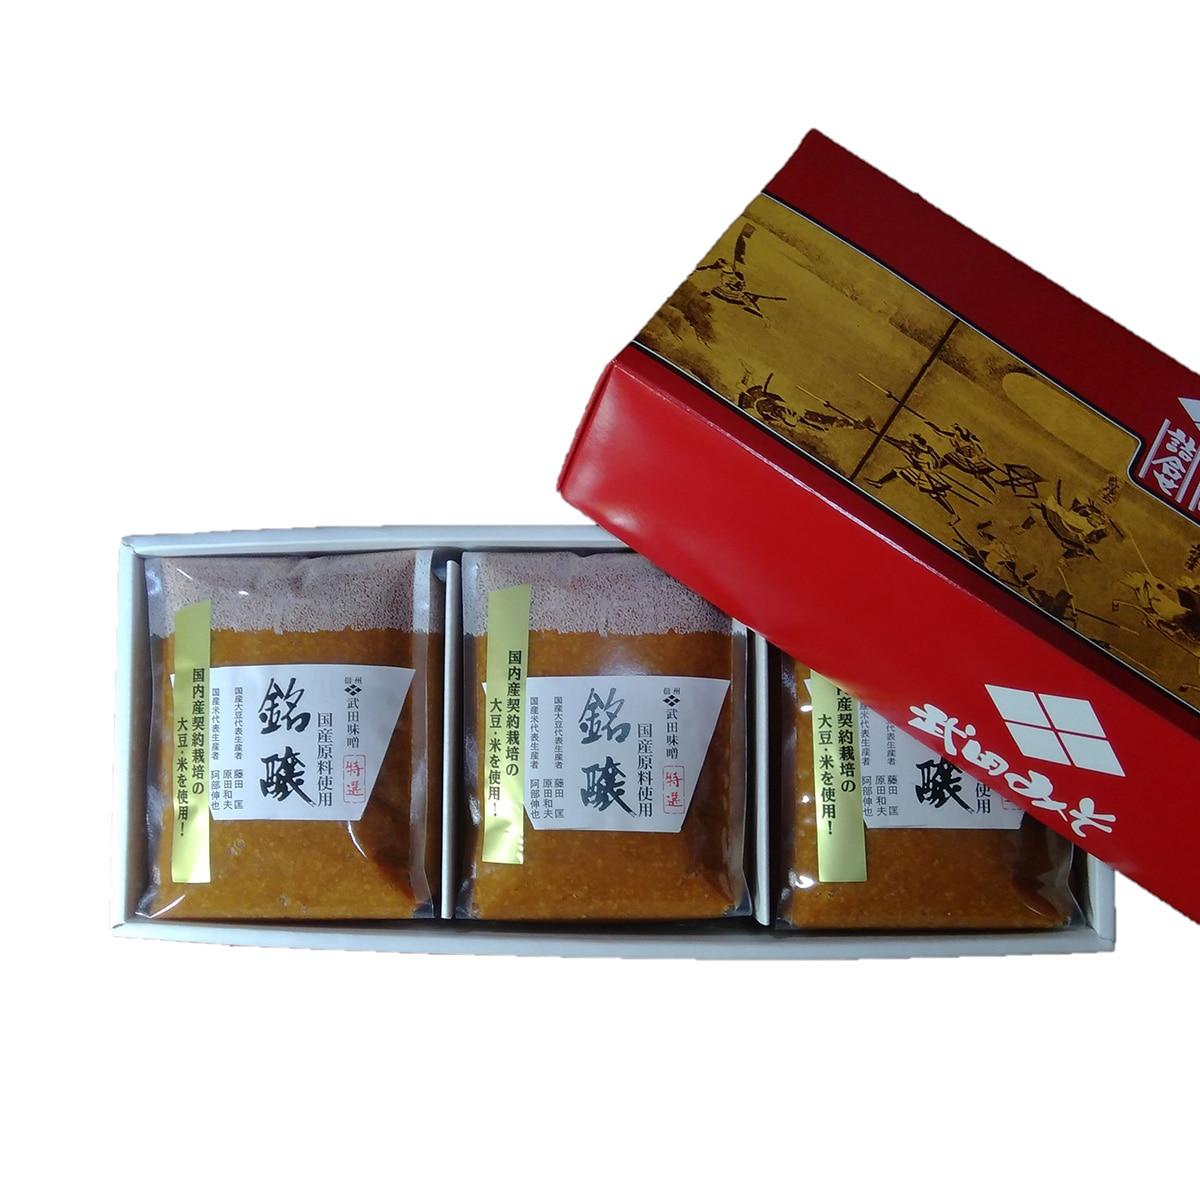 武田味噌 (長野)みそ 特選銘醸1kg3個化粧箱入り